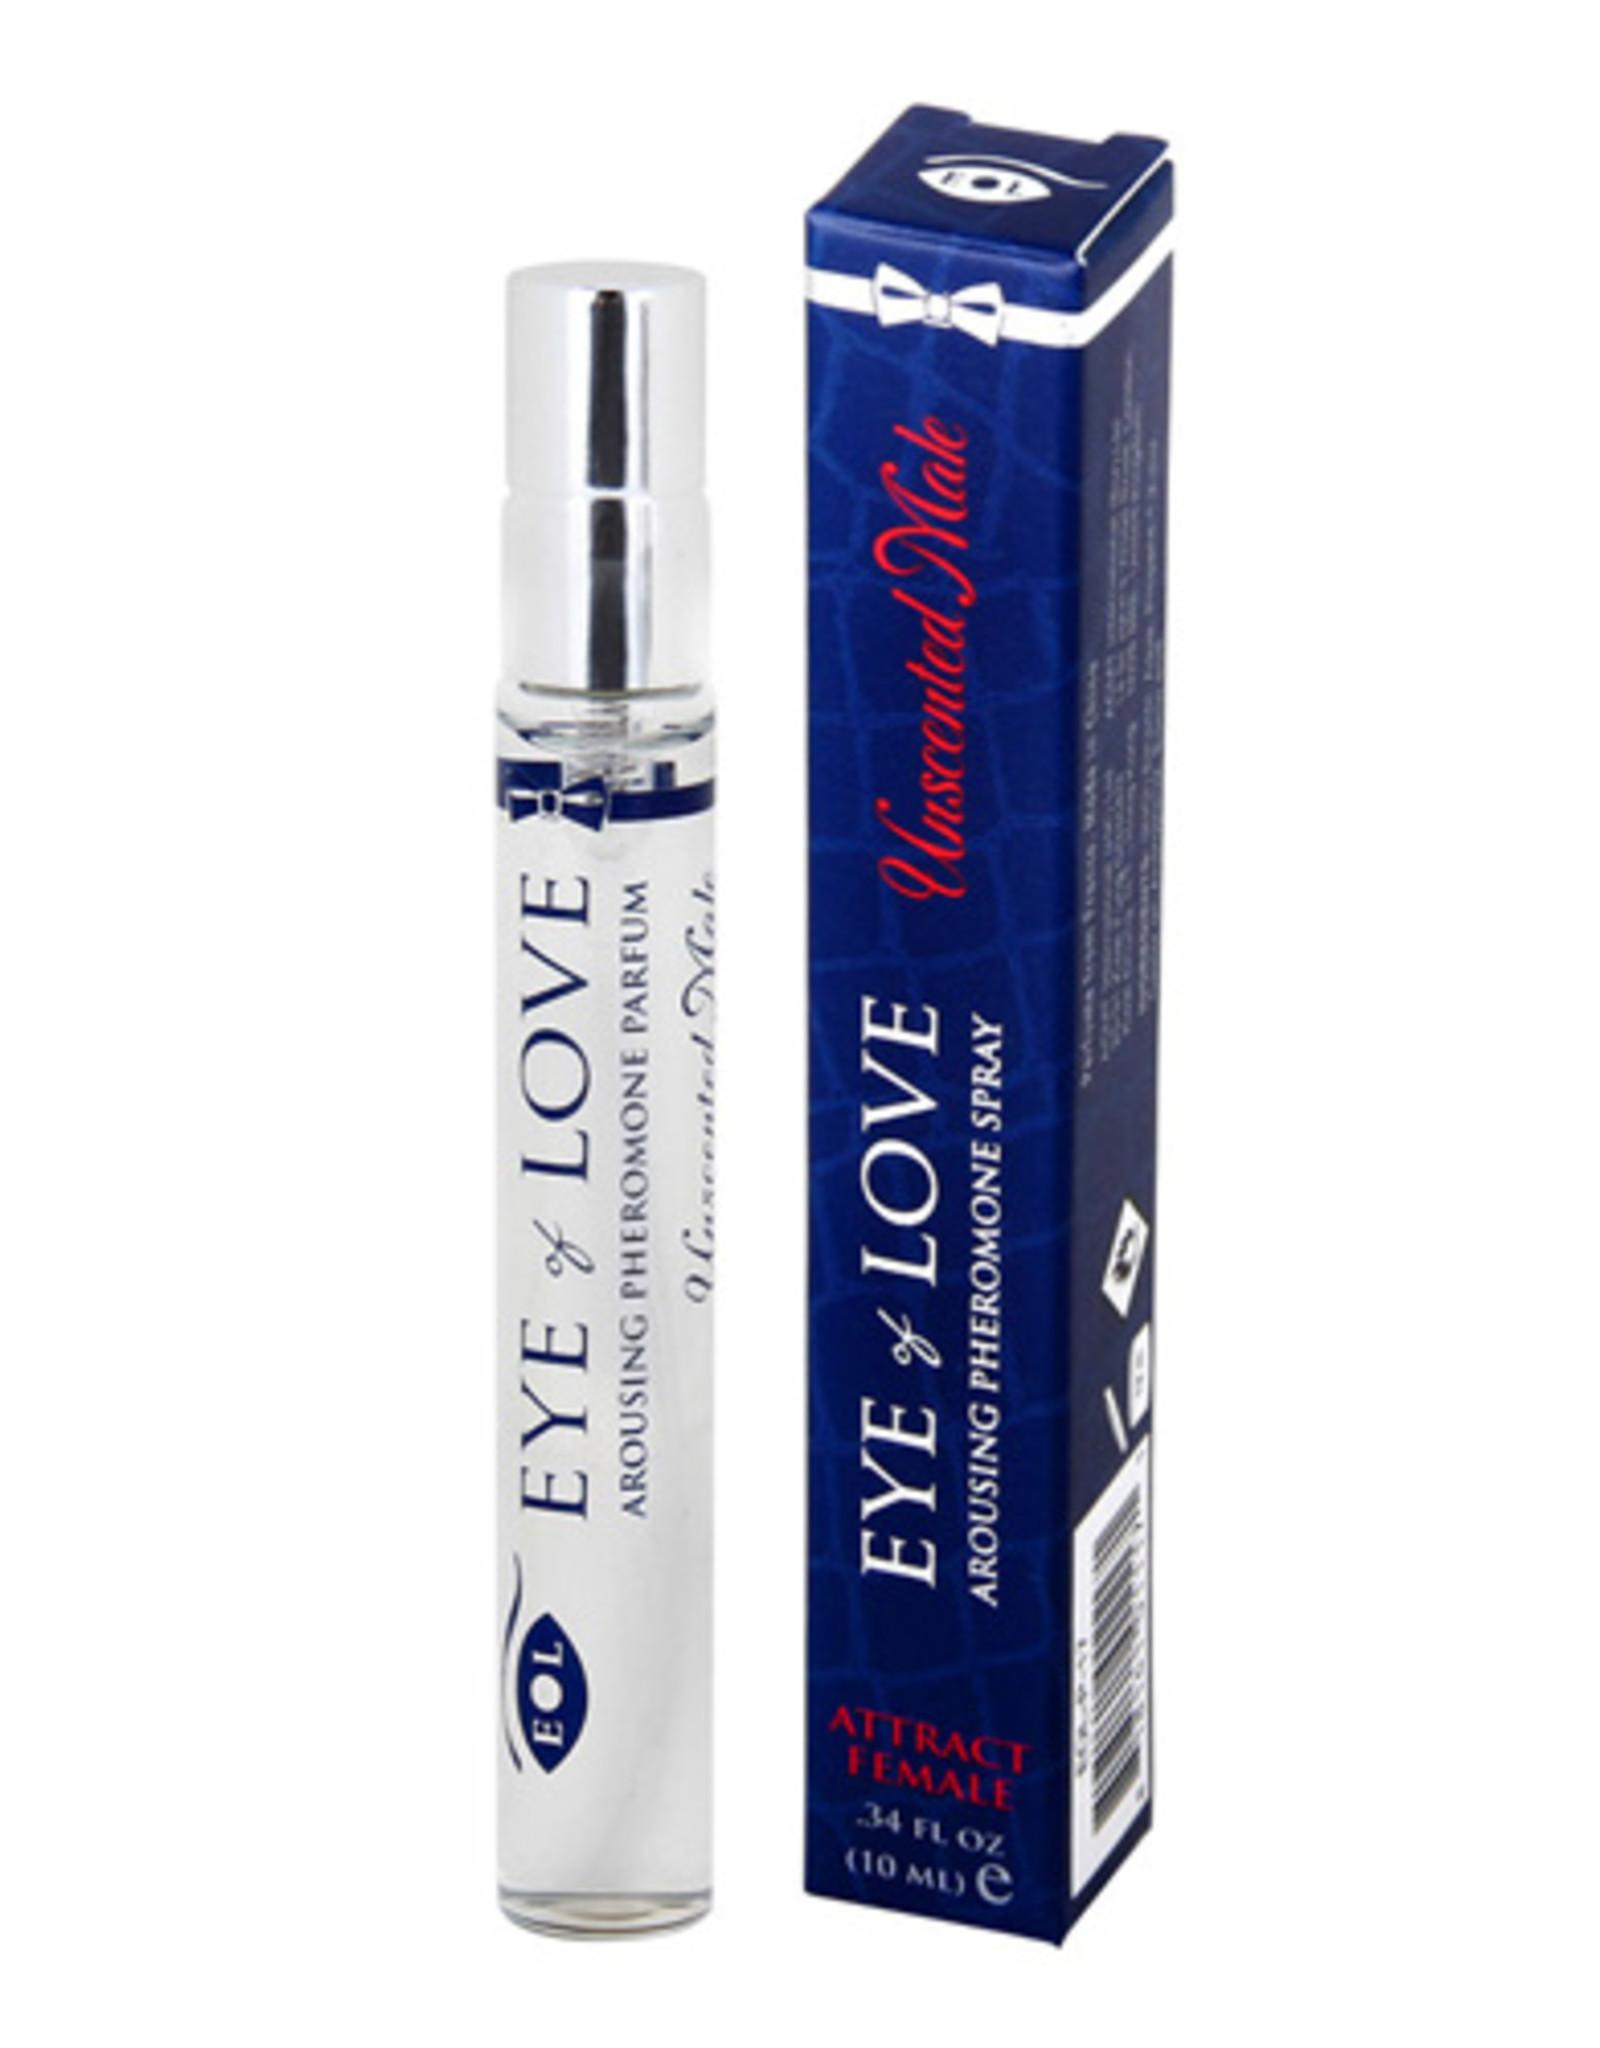 Eye Of Love EOL Body Spray Voor Mannen Geurloos Met Feromonen - 10 ml